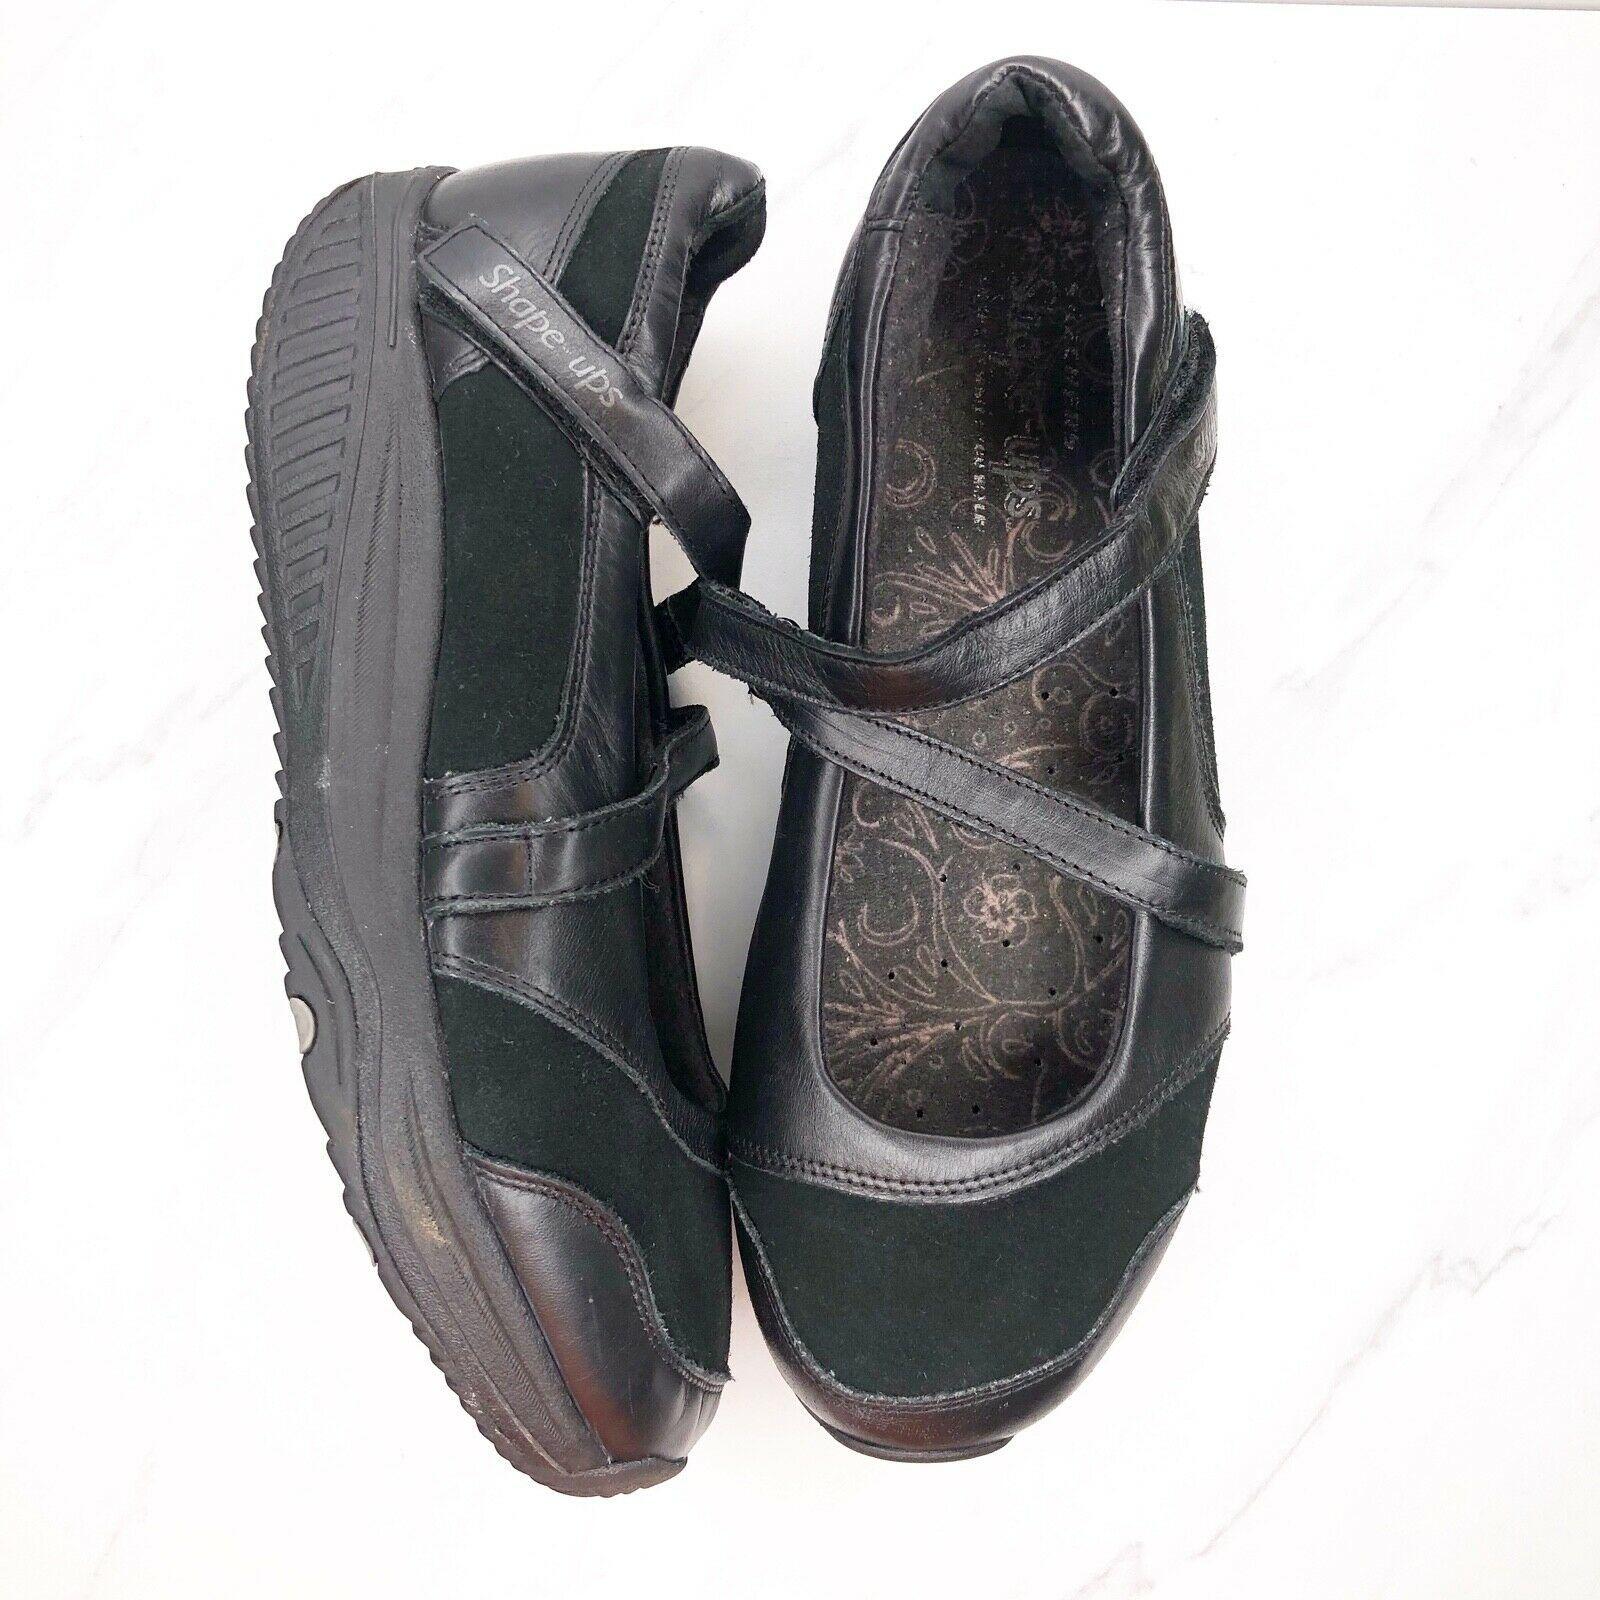 Skechers Shape Ups Mary Jane 7.5 Black Shoes Womens Sneakers Toning Rocker